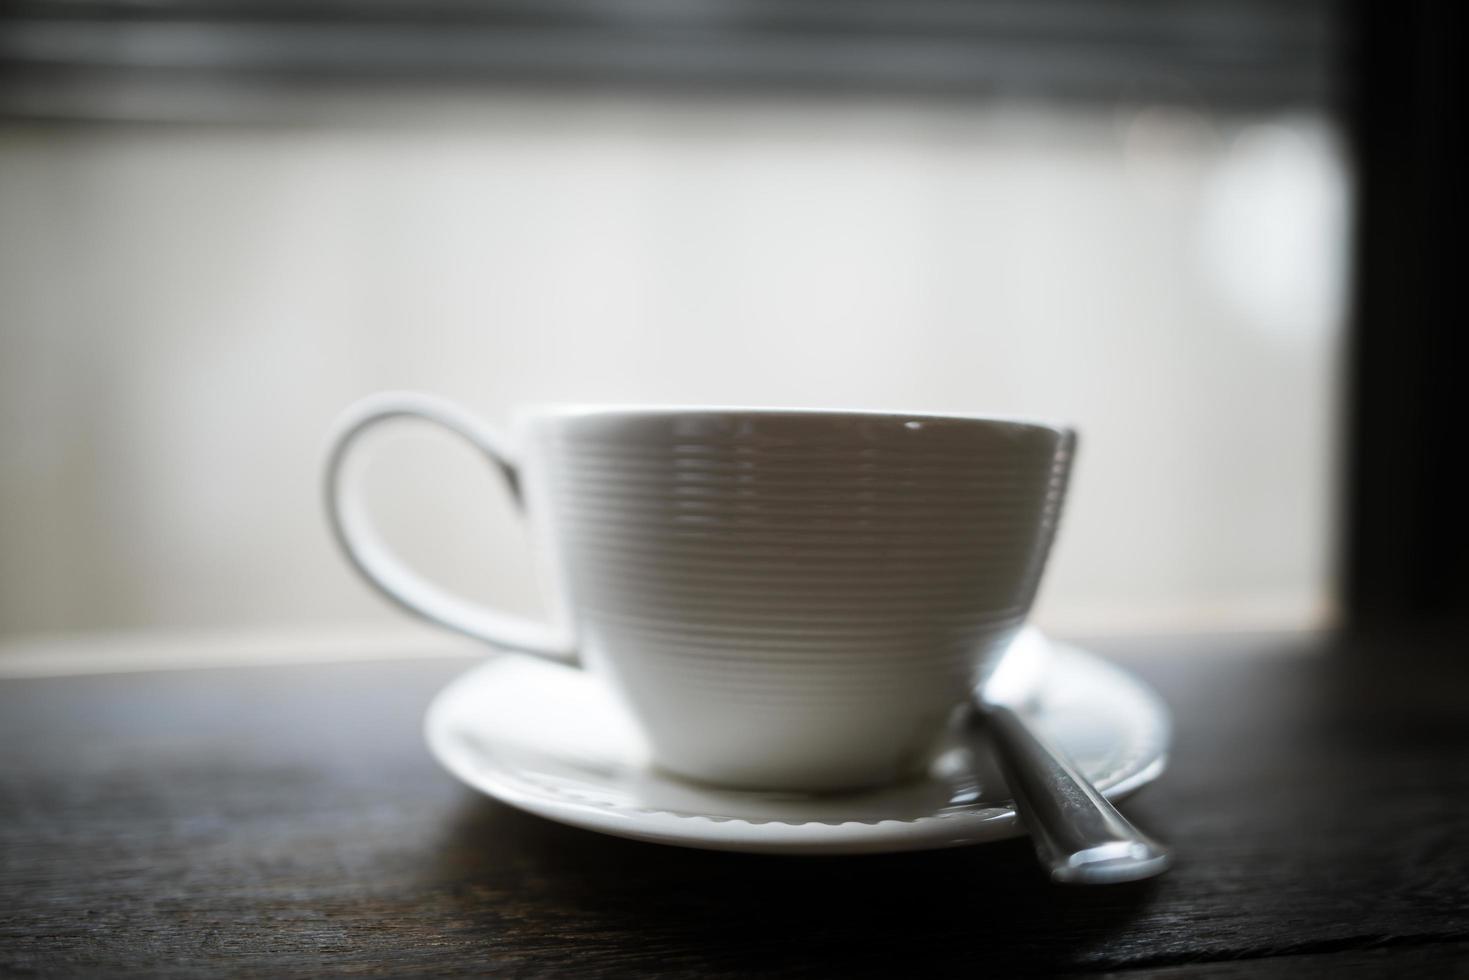 koffie op tafel in een café foto